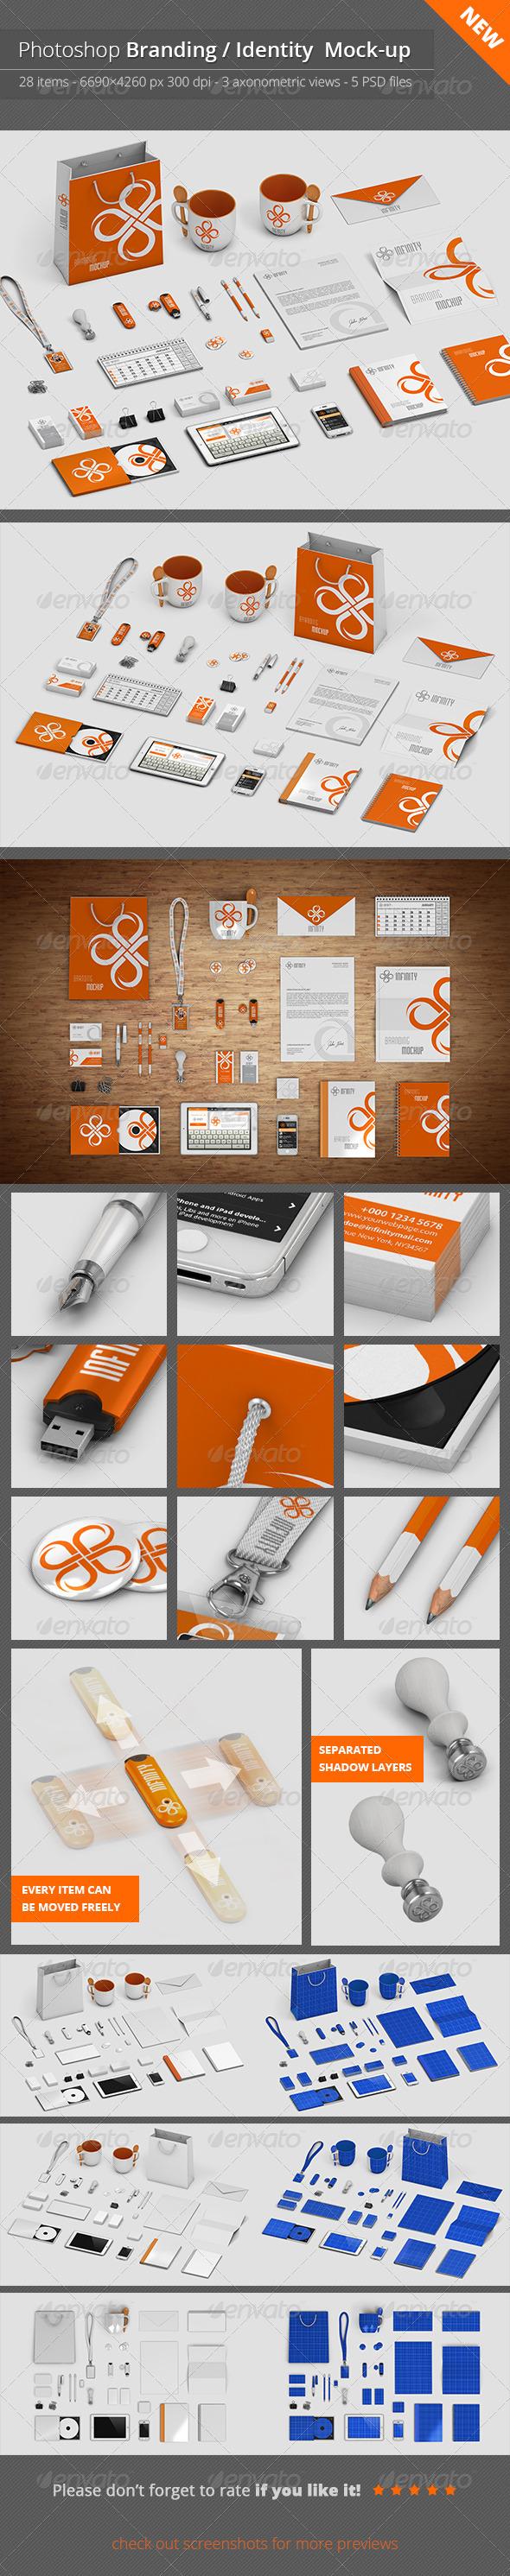 Stationery / Branding Mock-Up V.1 - Stationery Print